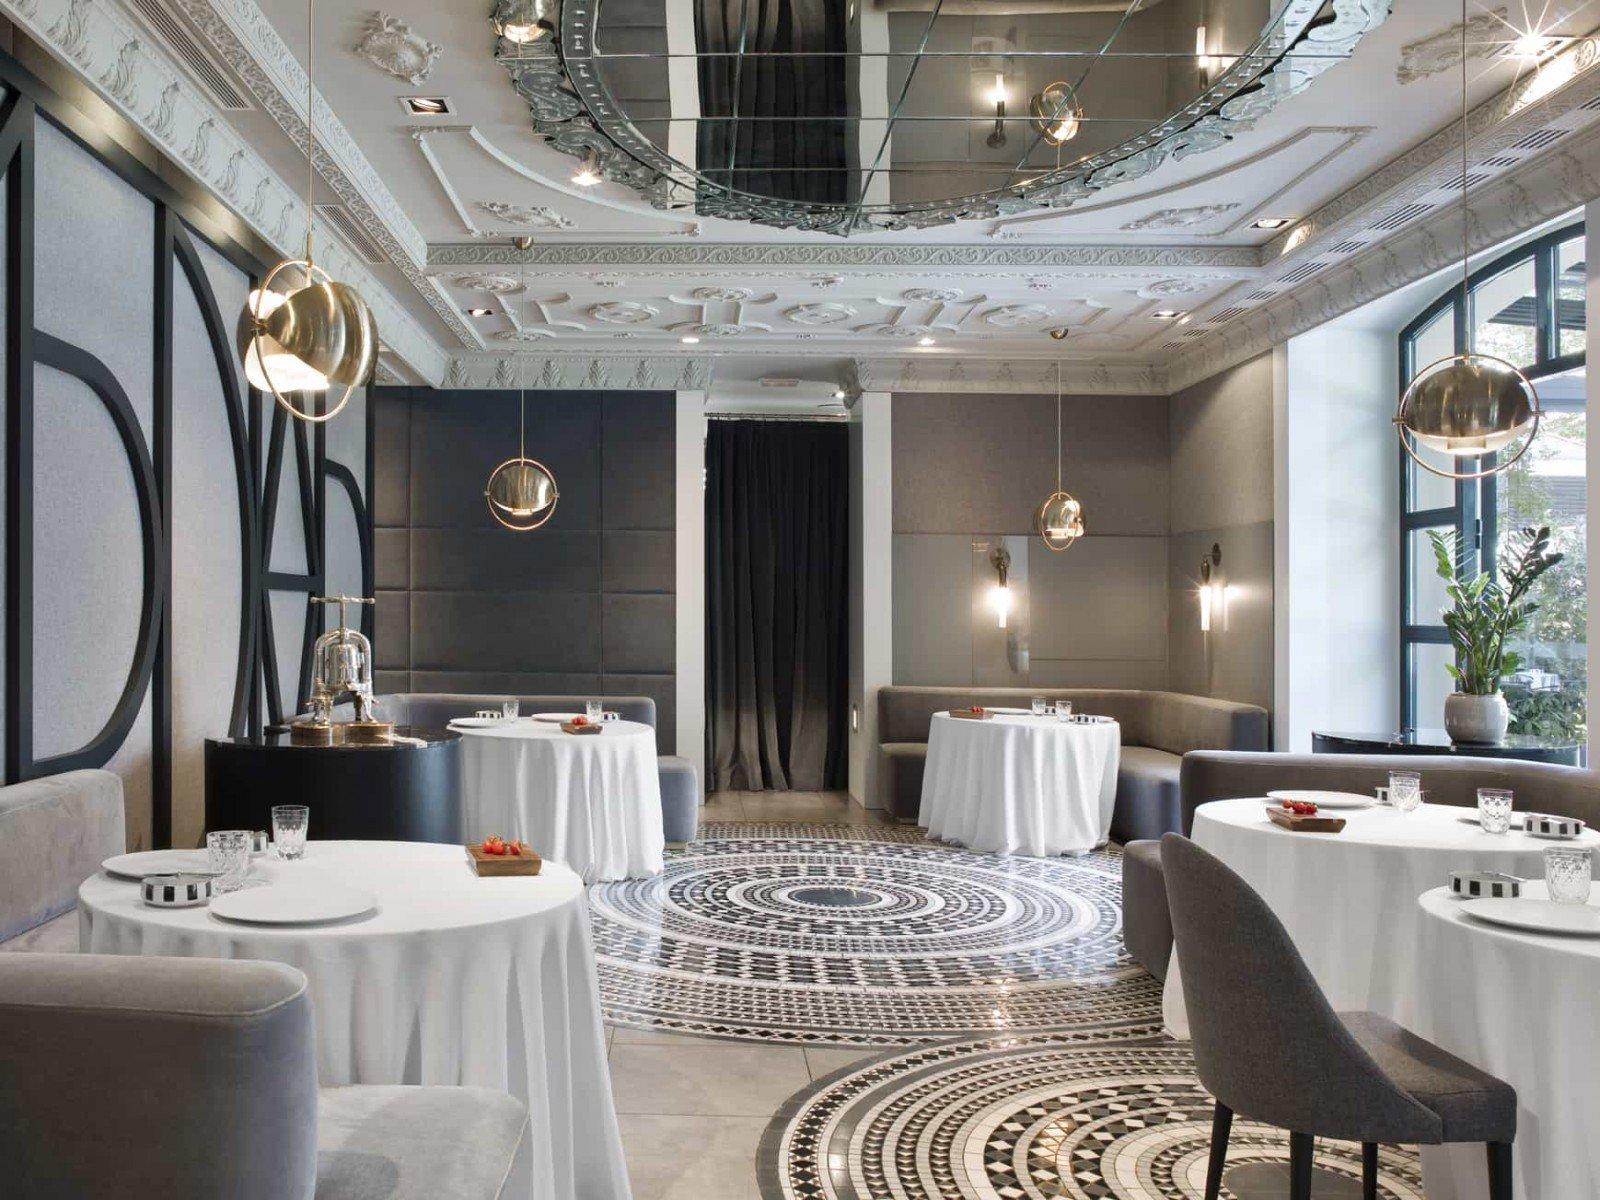 El restaurante Ramón Freixa Madrid  renueva su imagen